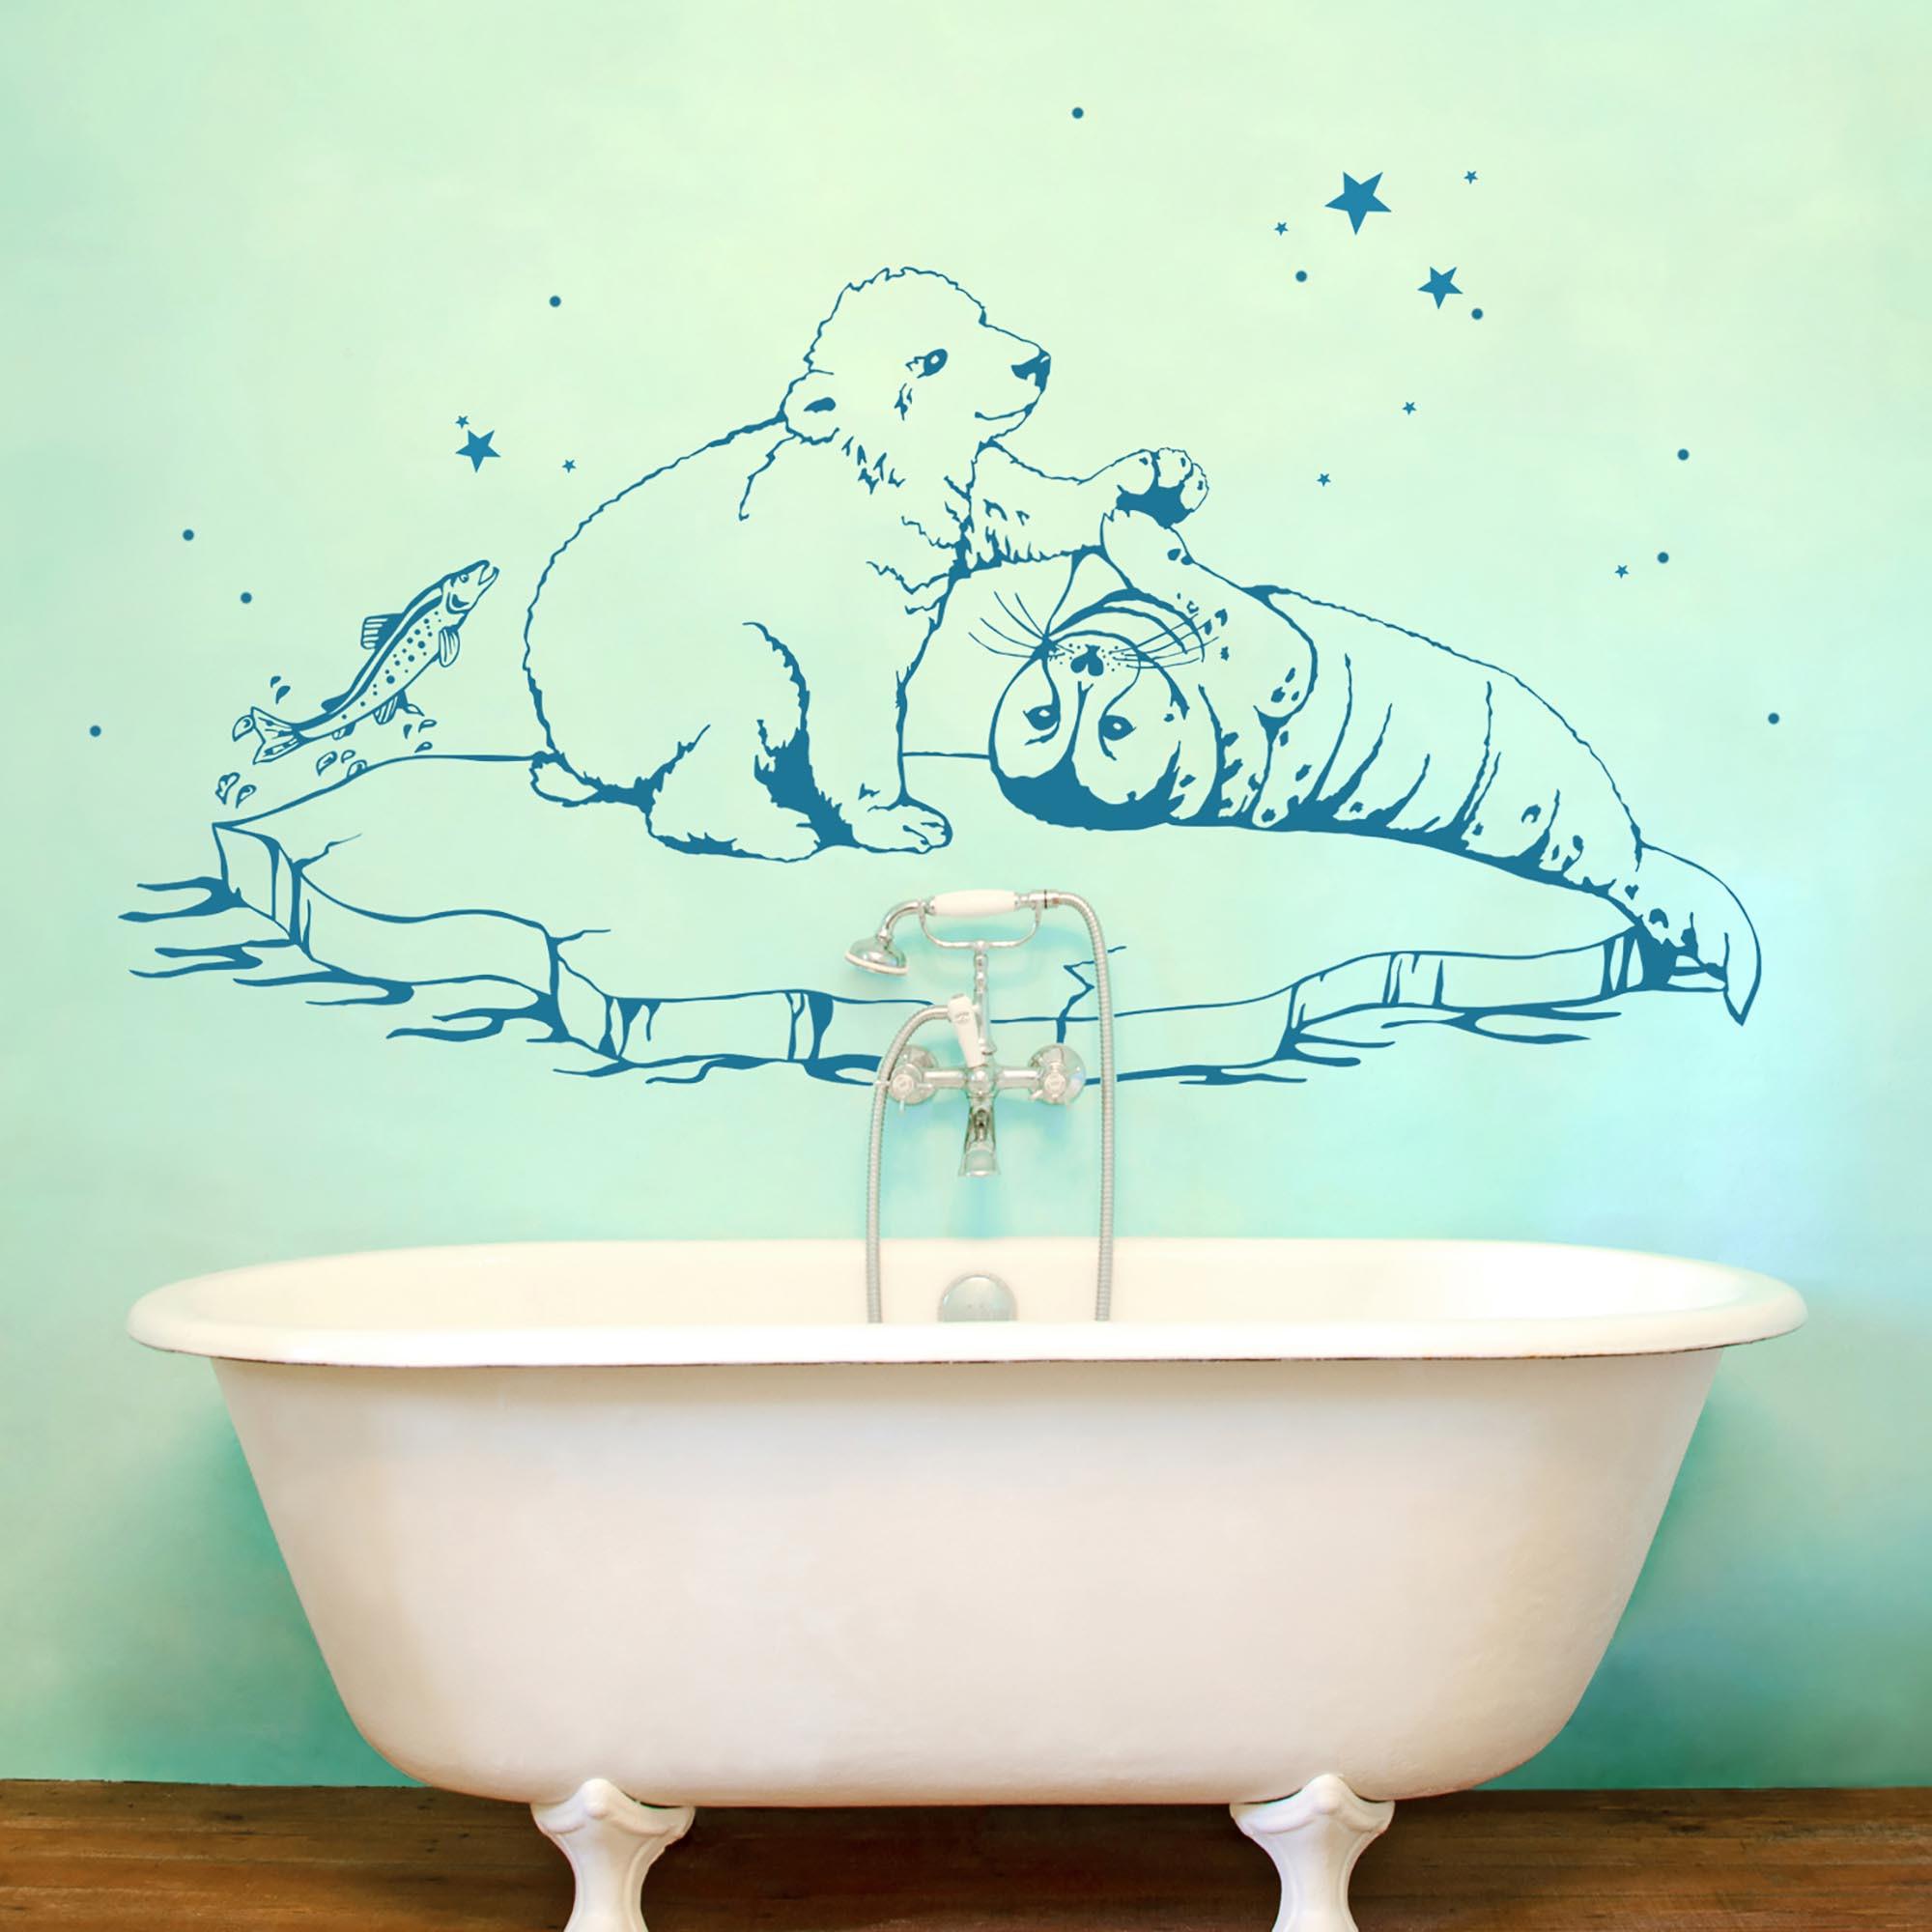 wandtattoo eisb r robbe fische wanddeko bad m1534 wandtattoos elfent r tassen. Black Bedroom Furniture Sets. Home Design Ideas